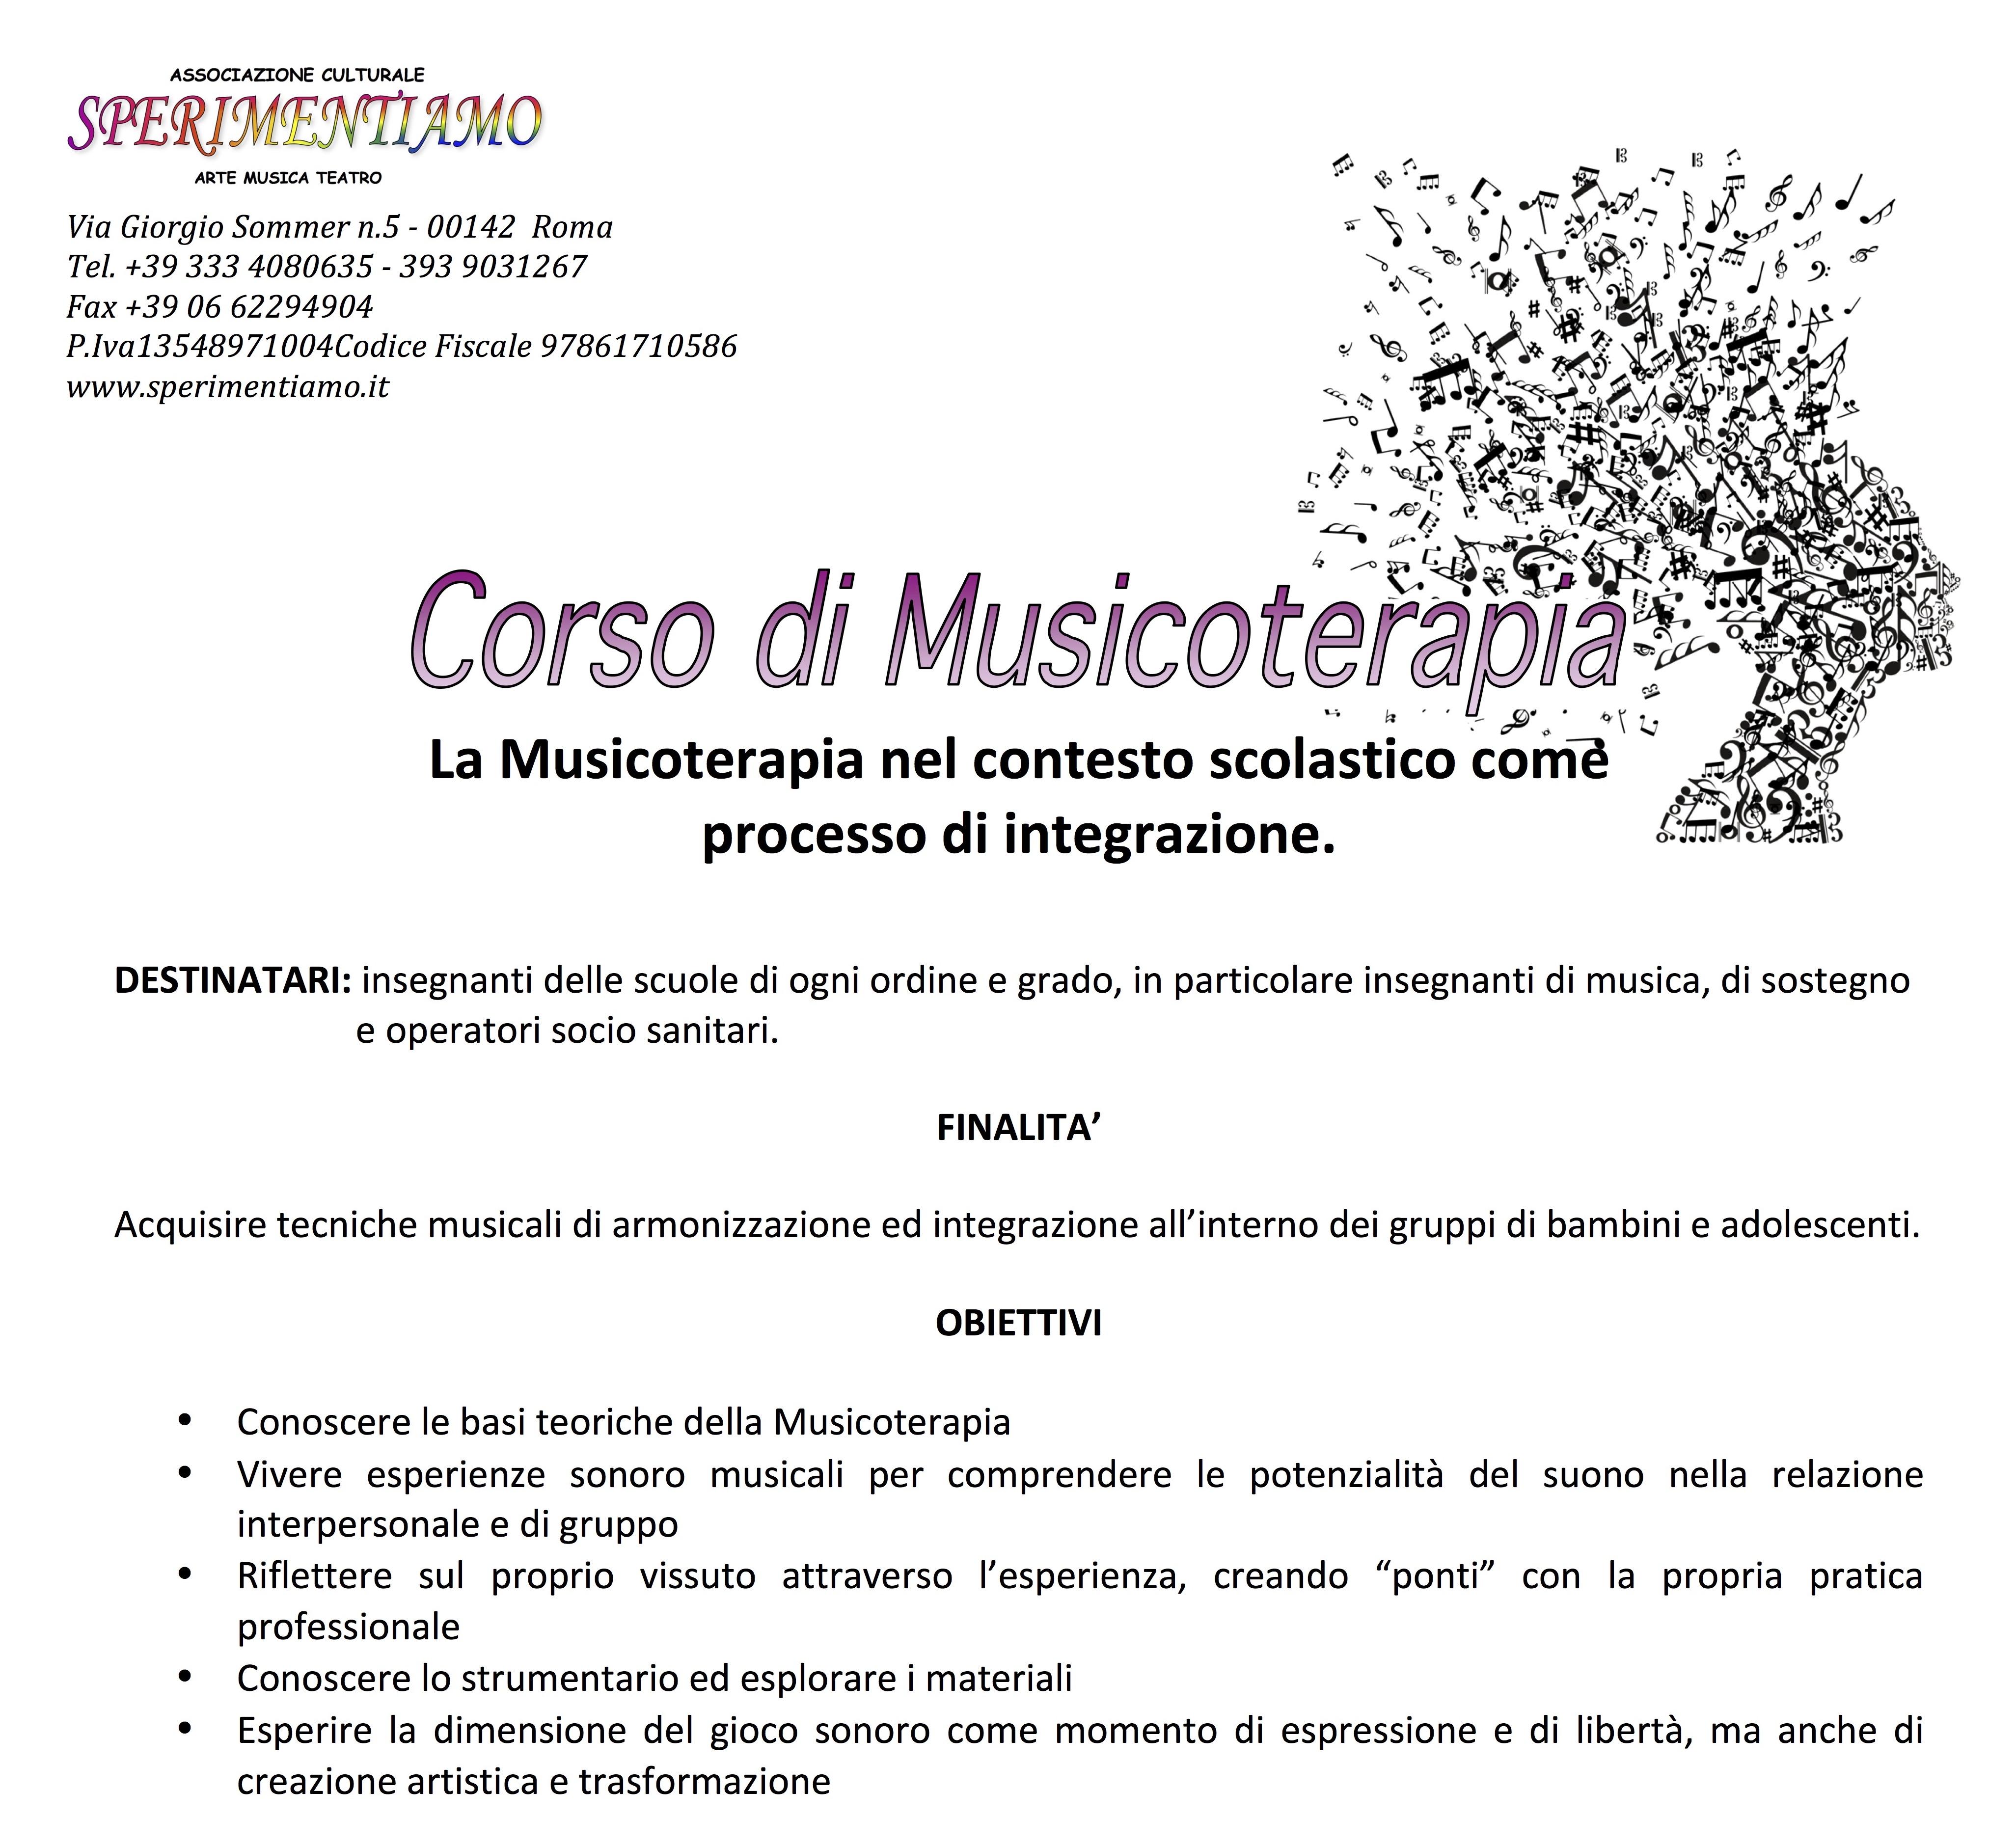 Corso di Musicoterapia - Locandina